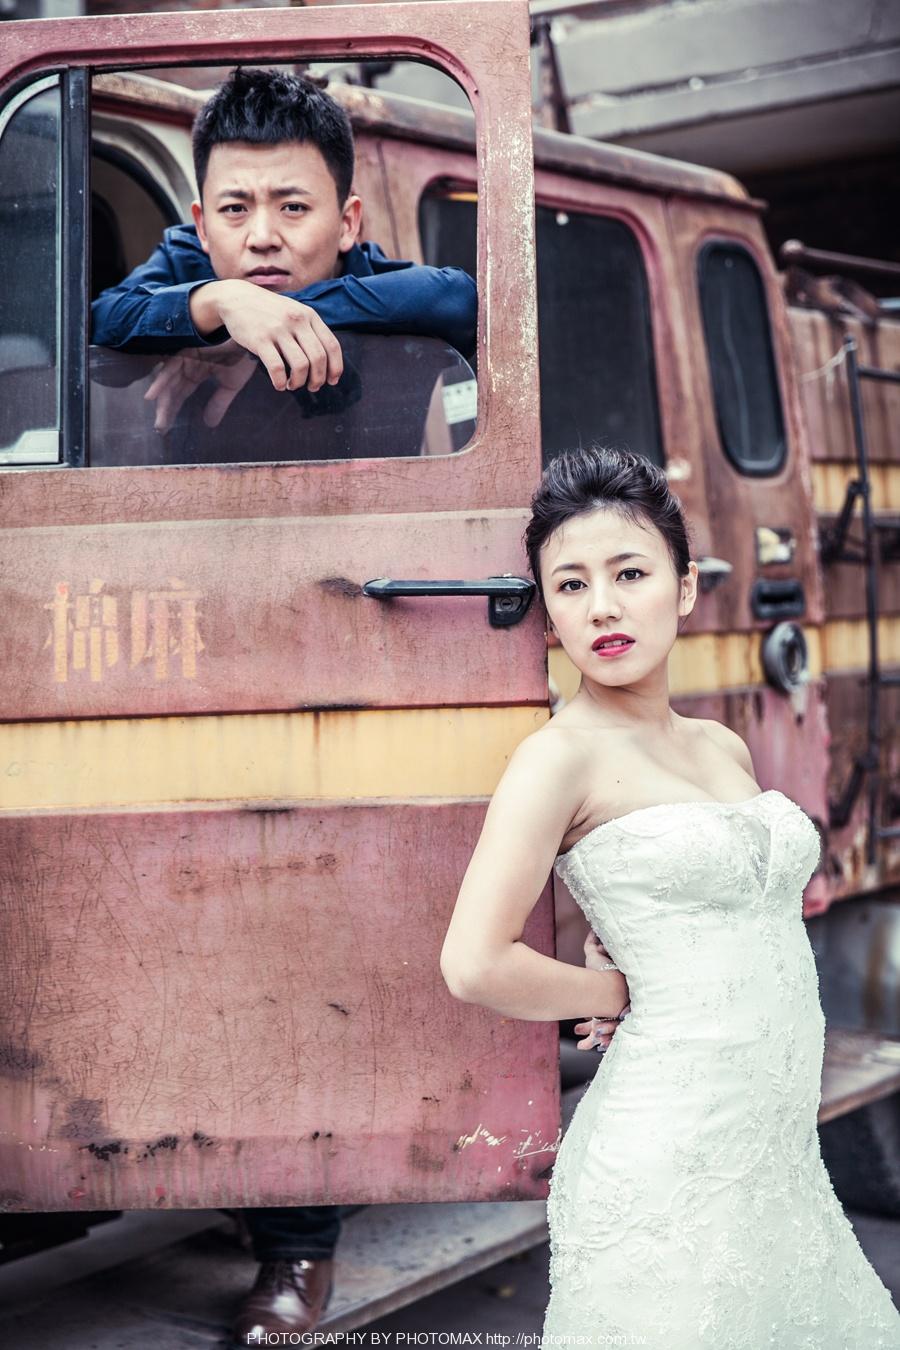 耿苖苖 PHOTOMAX 老麦摄影 北京婚纱摄影 绕着世界拍爱情 (5)